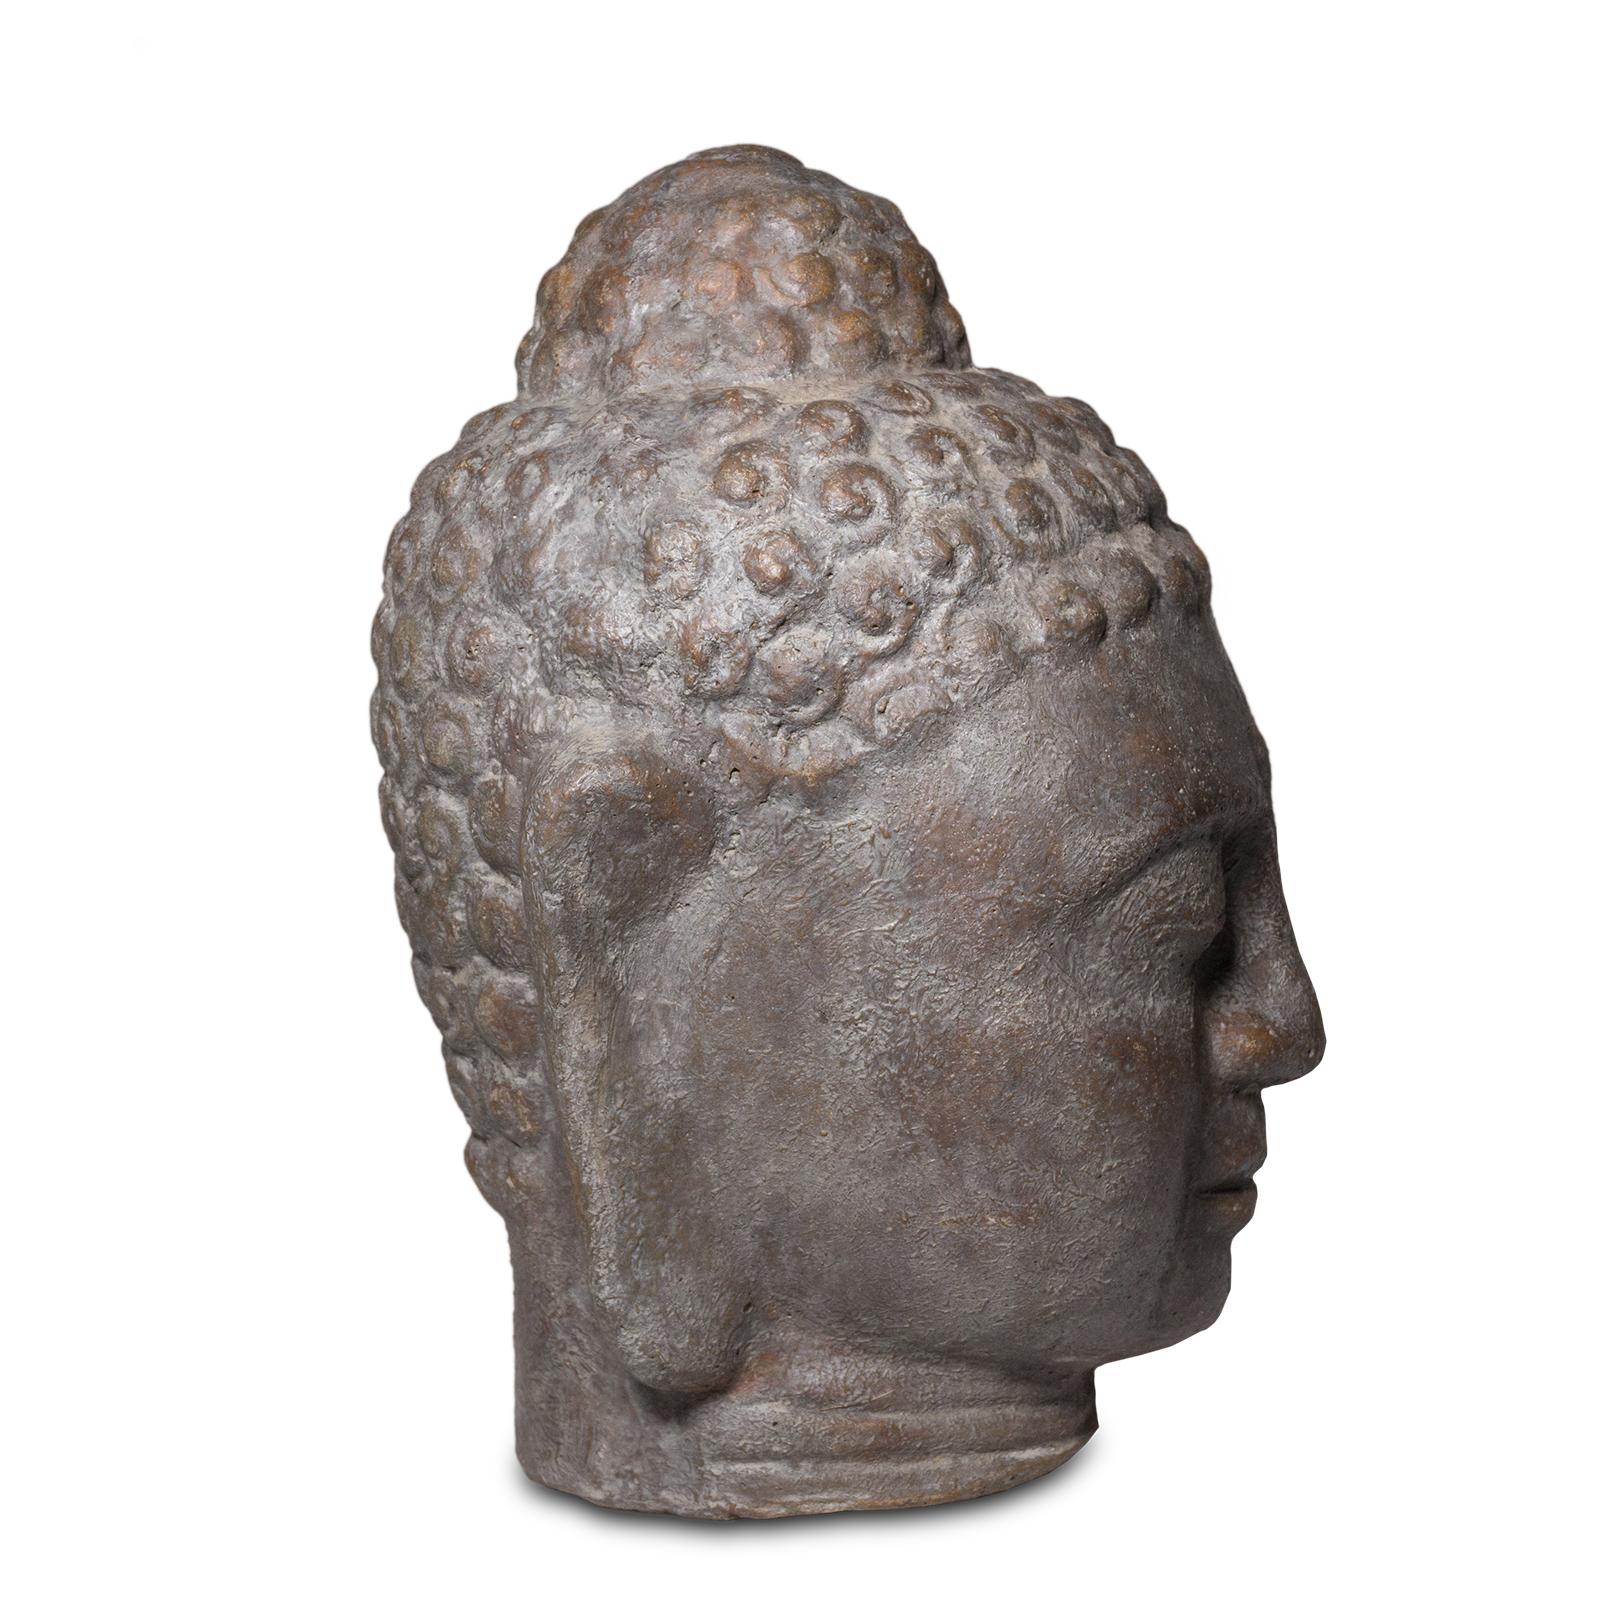 Buddha Kopf 28cm Skulptur Statue Steinfigur Deko Steingemisch - Für Innen- und Außenbereich – Bild 4